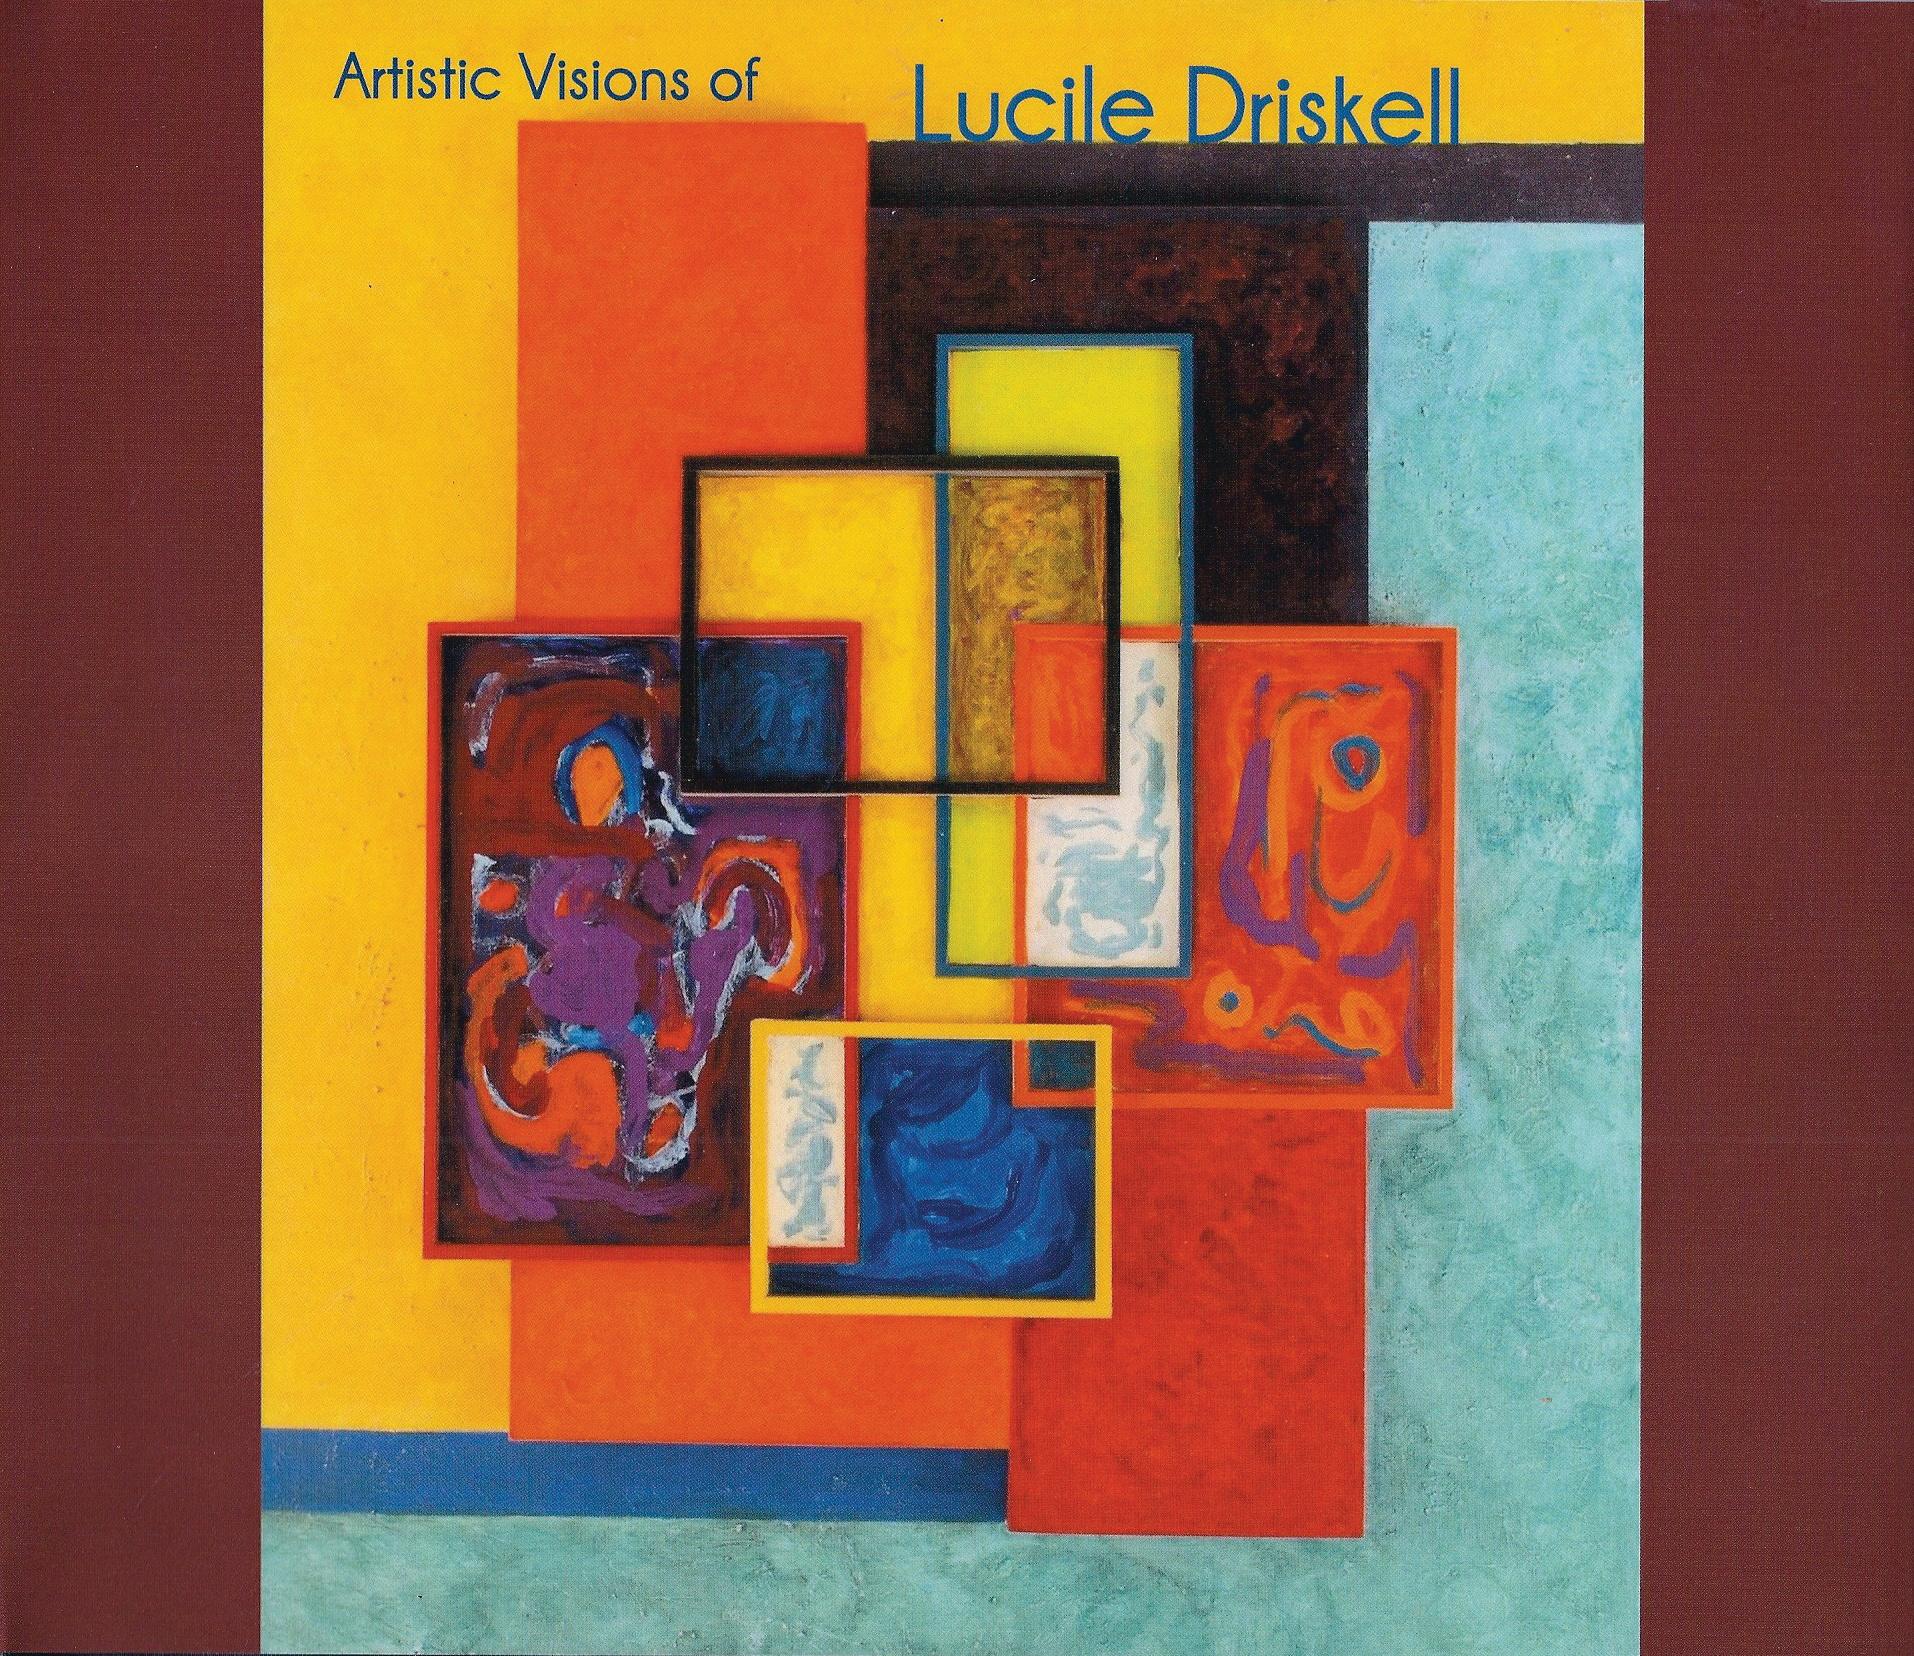 Artistic Visions of Lucille Dorsett